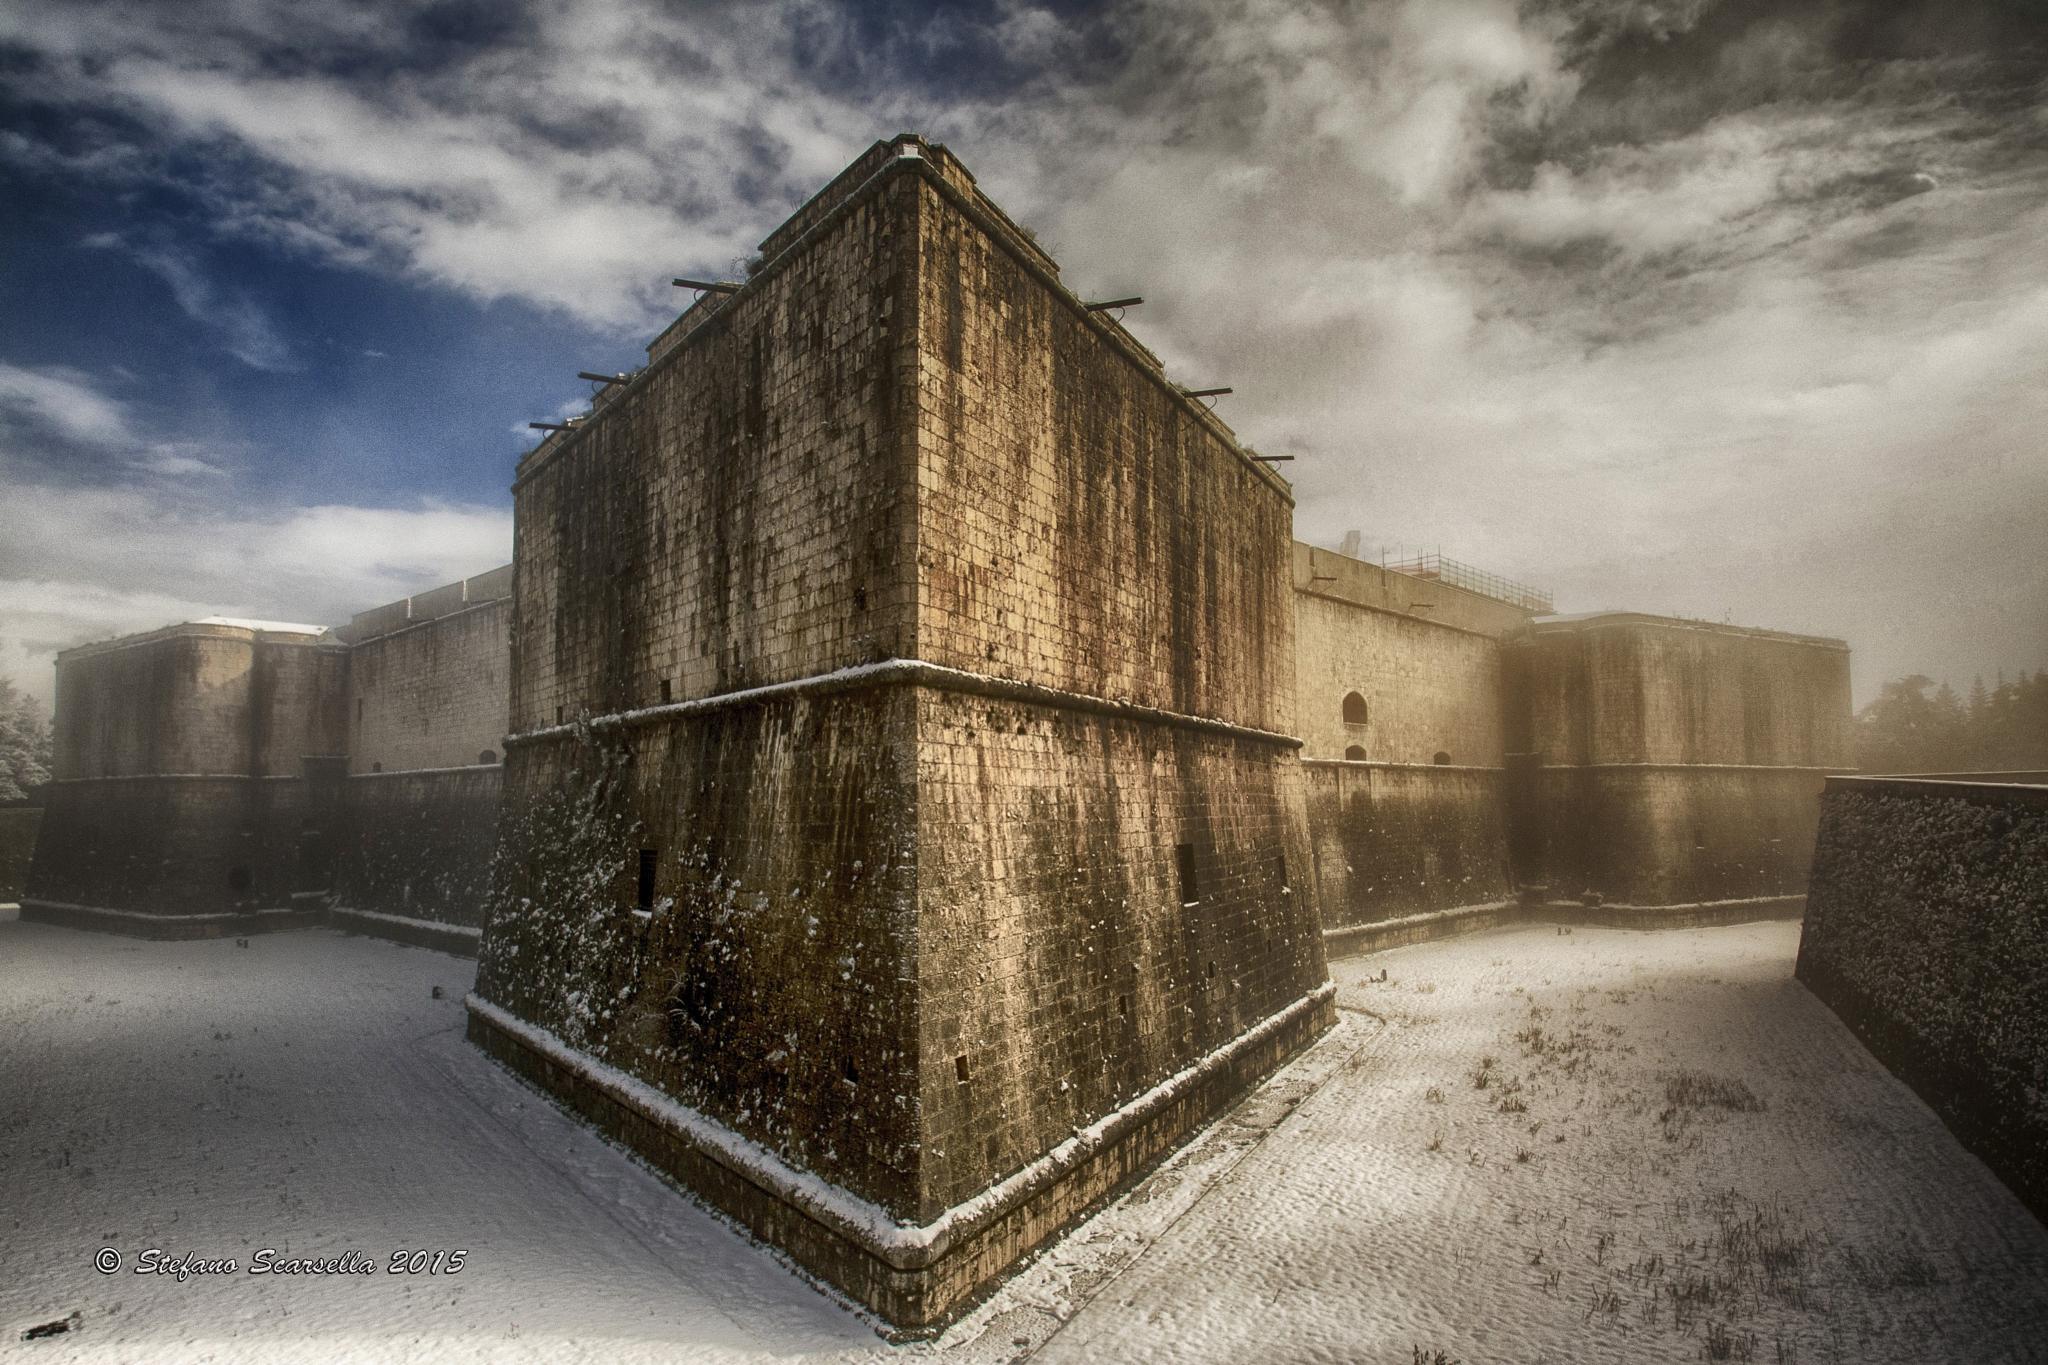 Castello di L'Aquila by Stefano